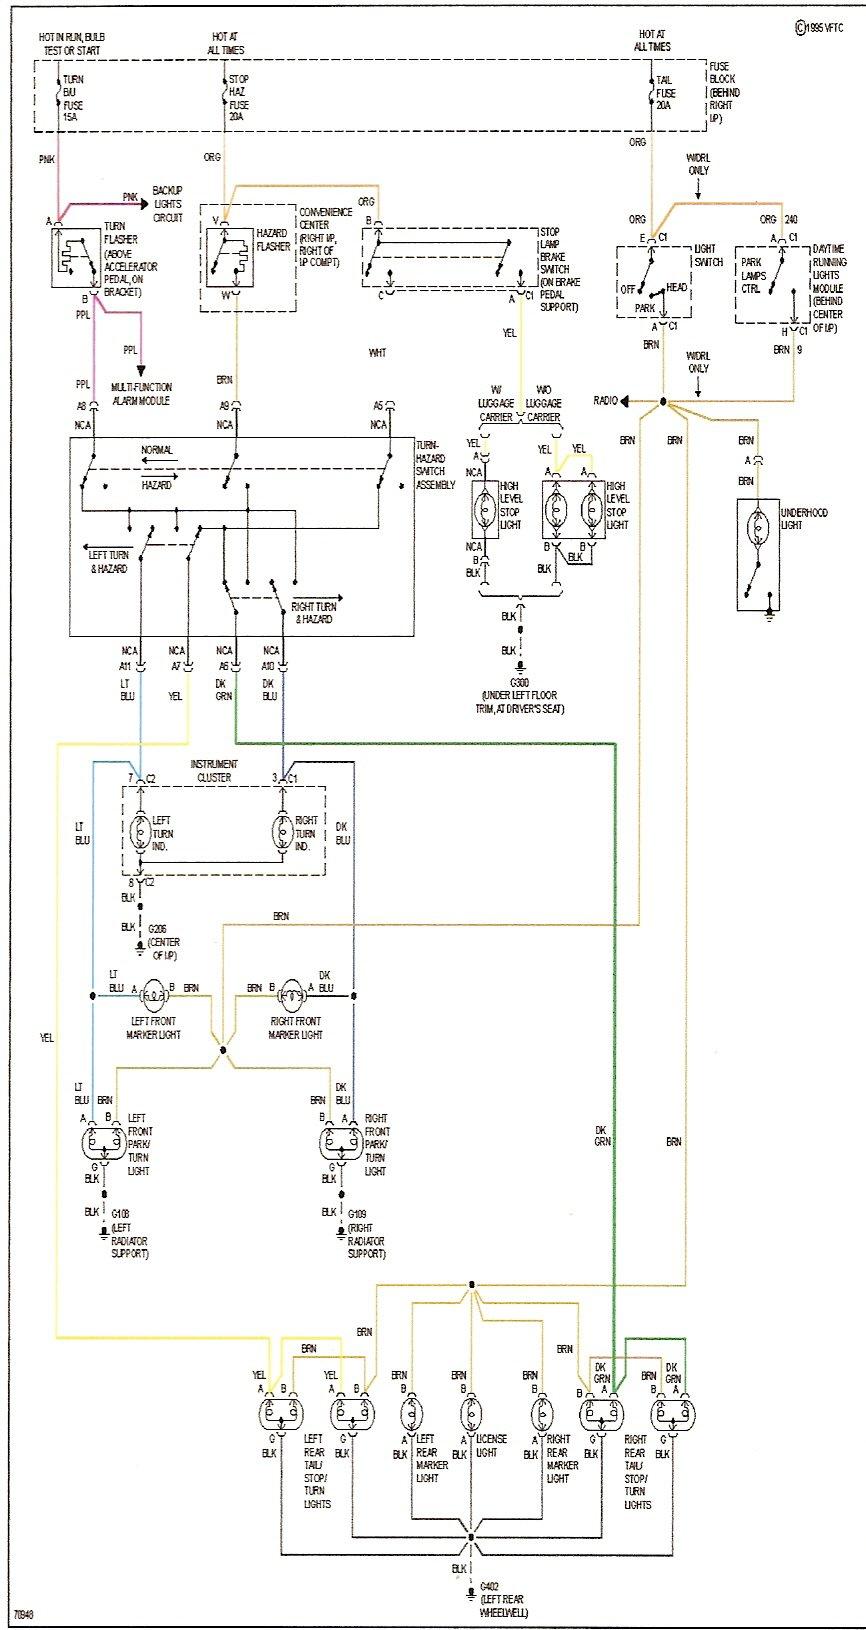 1995 Oldsmobile Cutlass Fuse Box Diagram Download Wiring Diagrams Cutl Auto 1997 88 2001 Alero